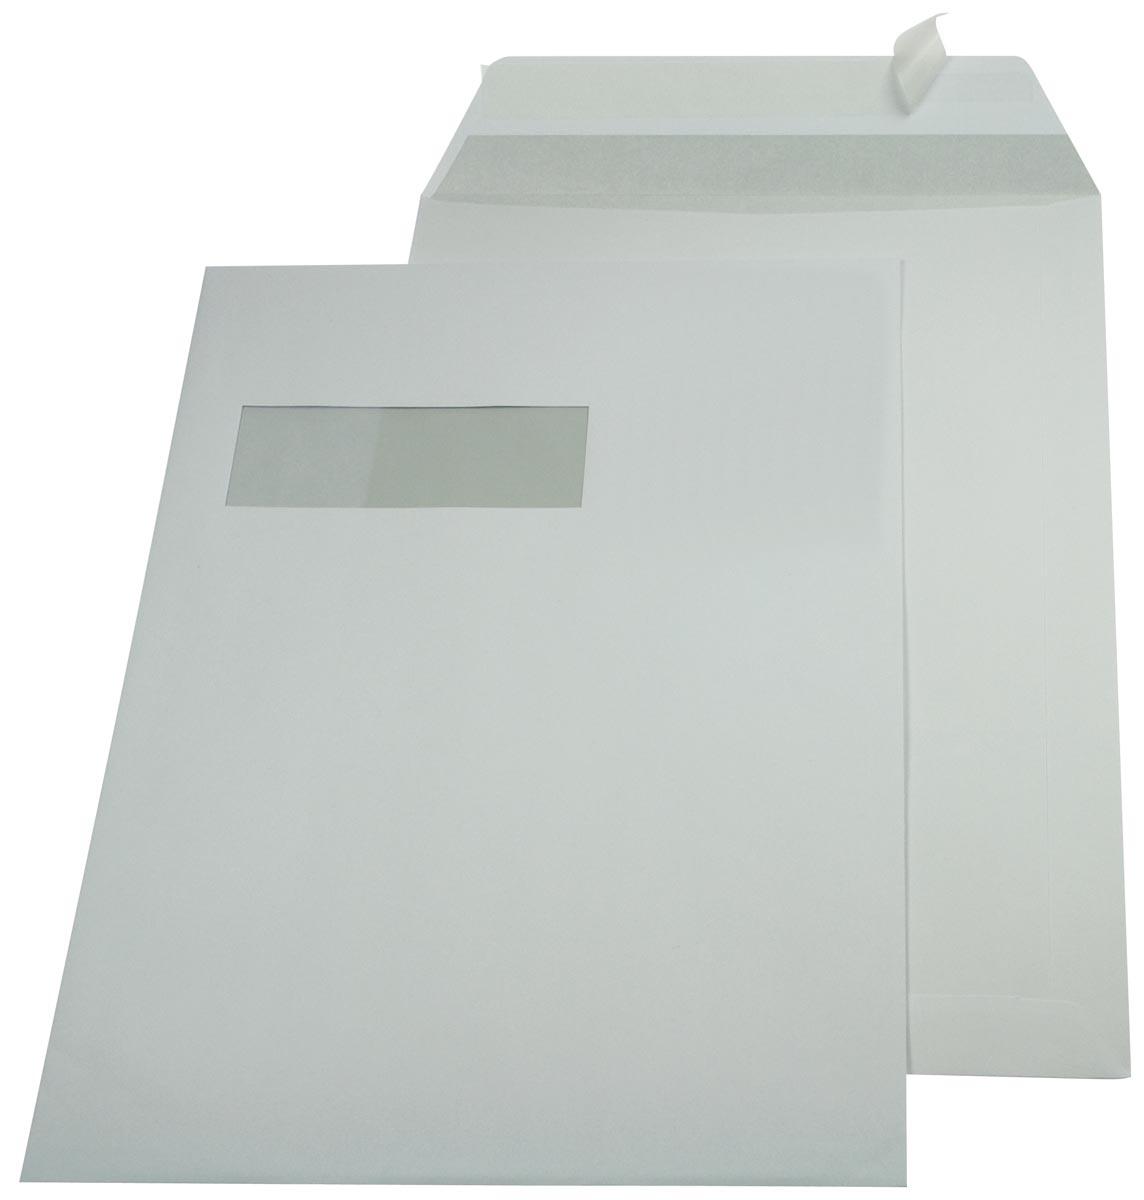 Gallery enveloppen ft 229 x 324 mm, venster links, stripsluiting, binnenzijde grijs, doos van 250 st